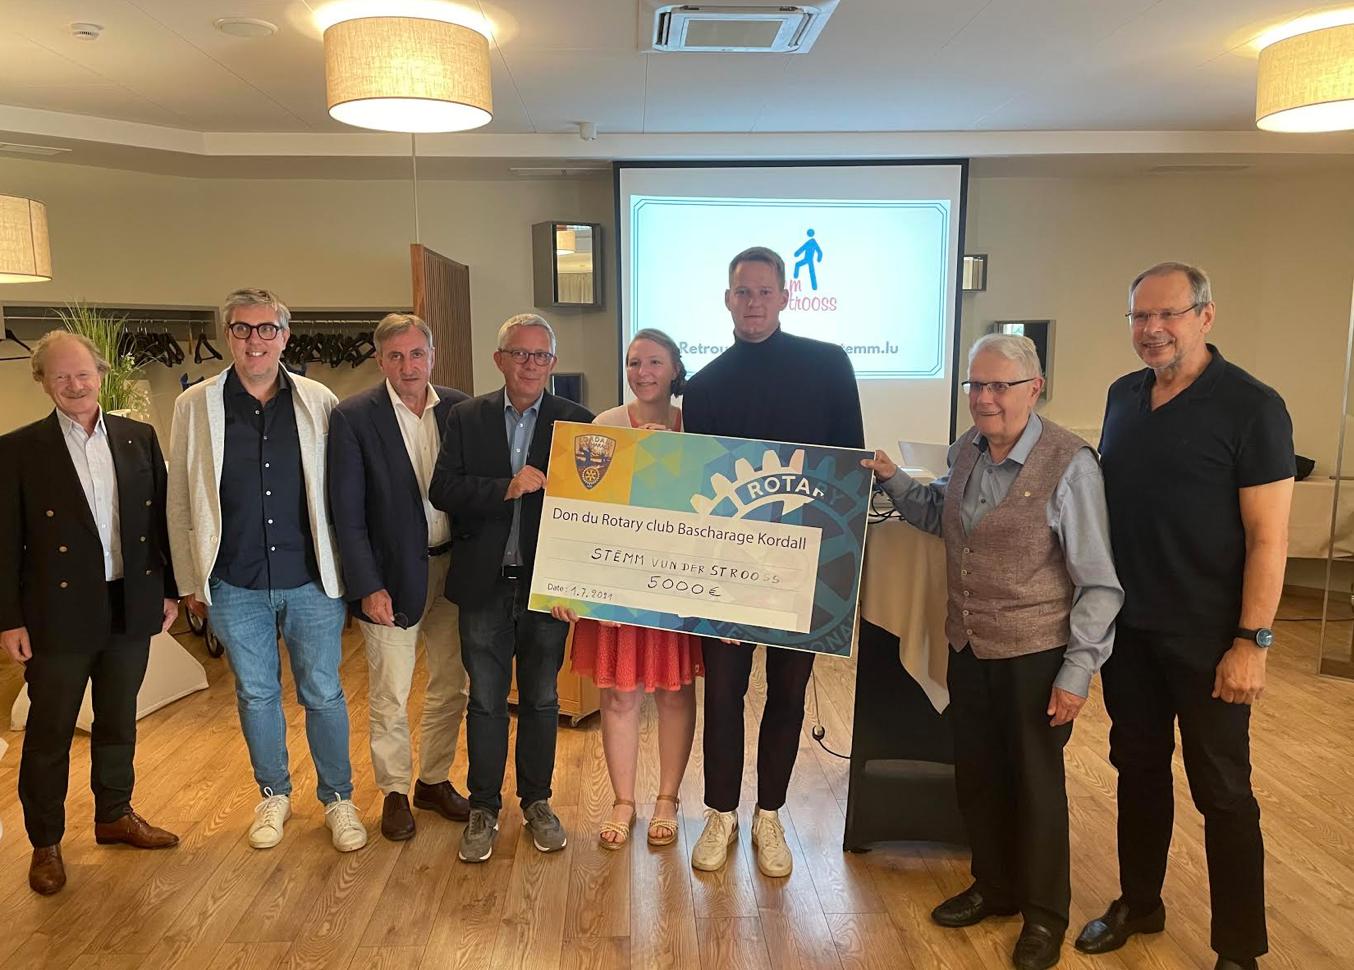 Le Rotary Club Bascharage-Kordall fait don d'un chèque de 5000 euros à la Stëmm vun der Strooss